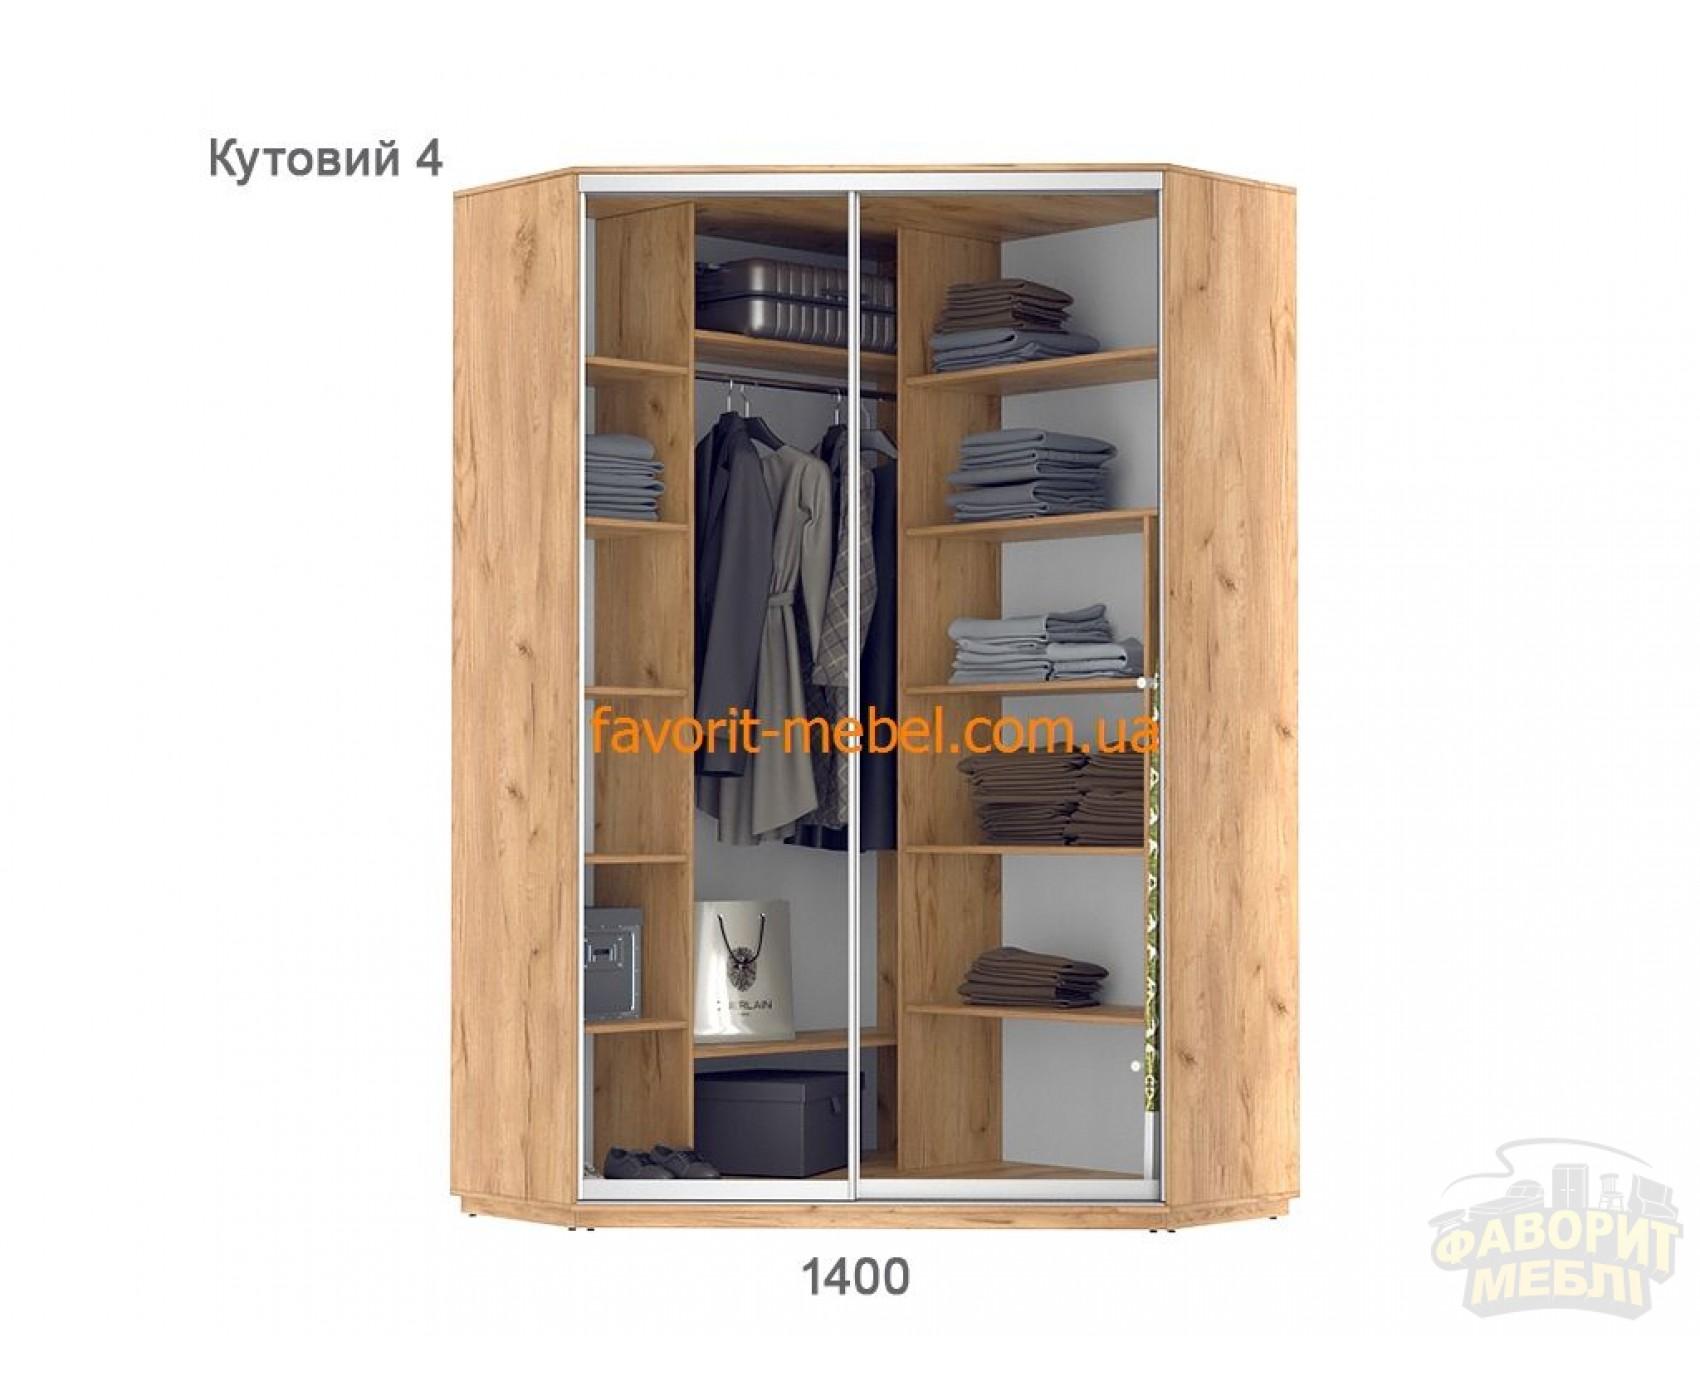 Шкаф купе Практик угловой 4 (140х140х240 см)